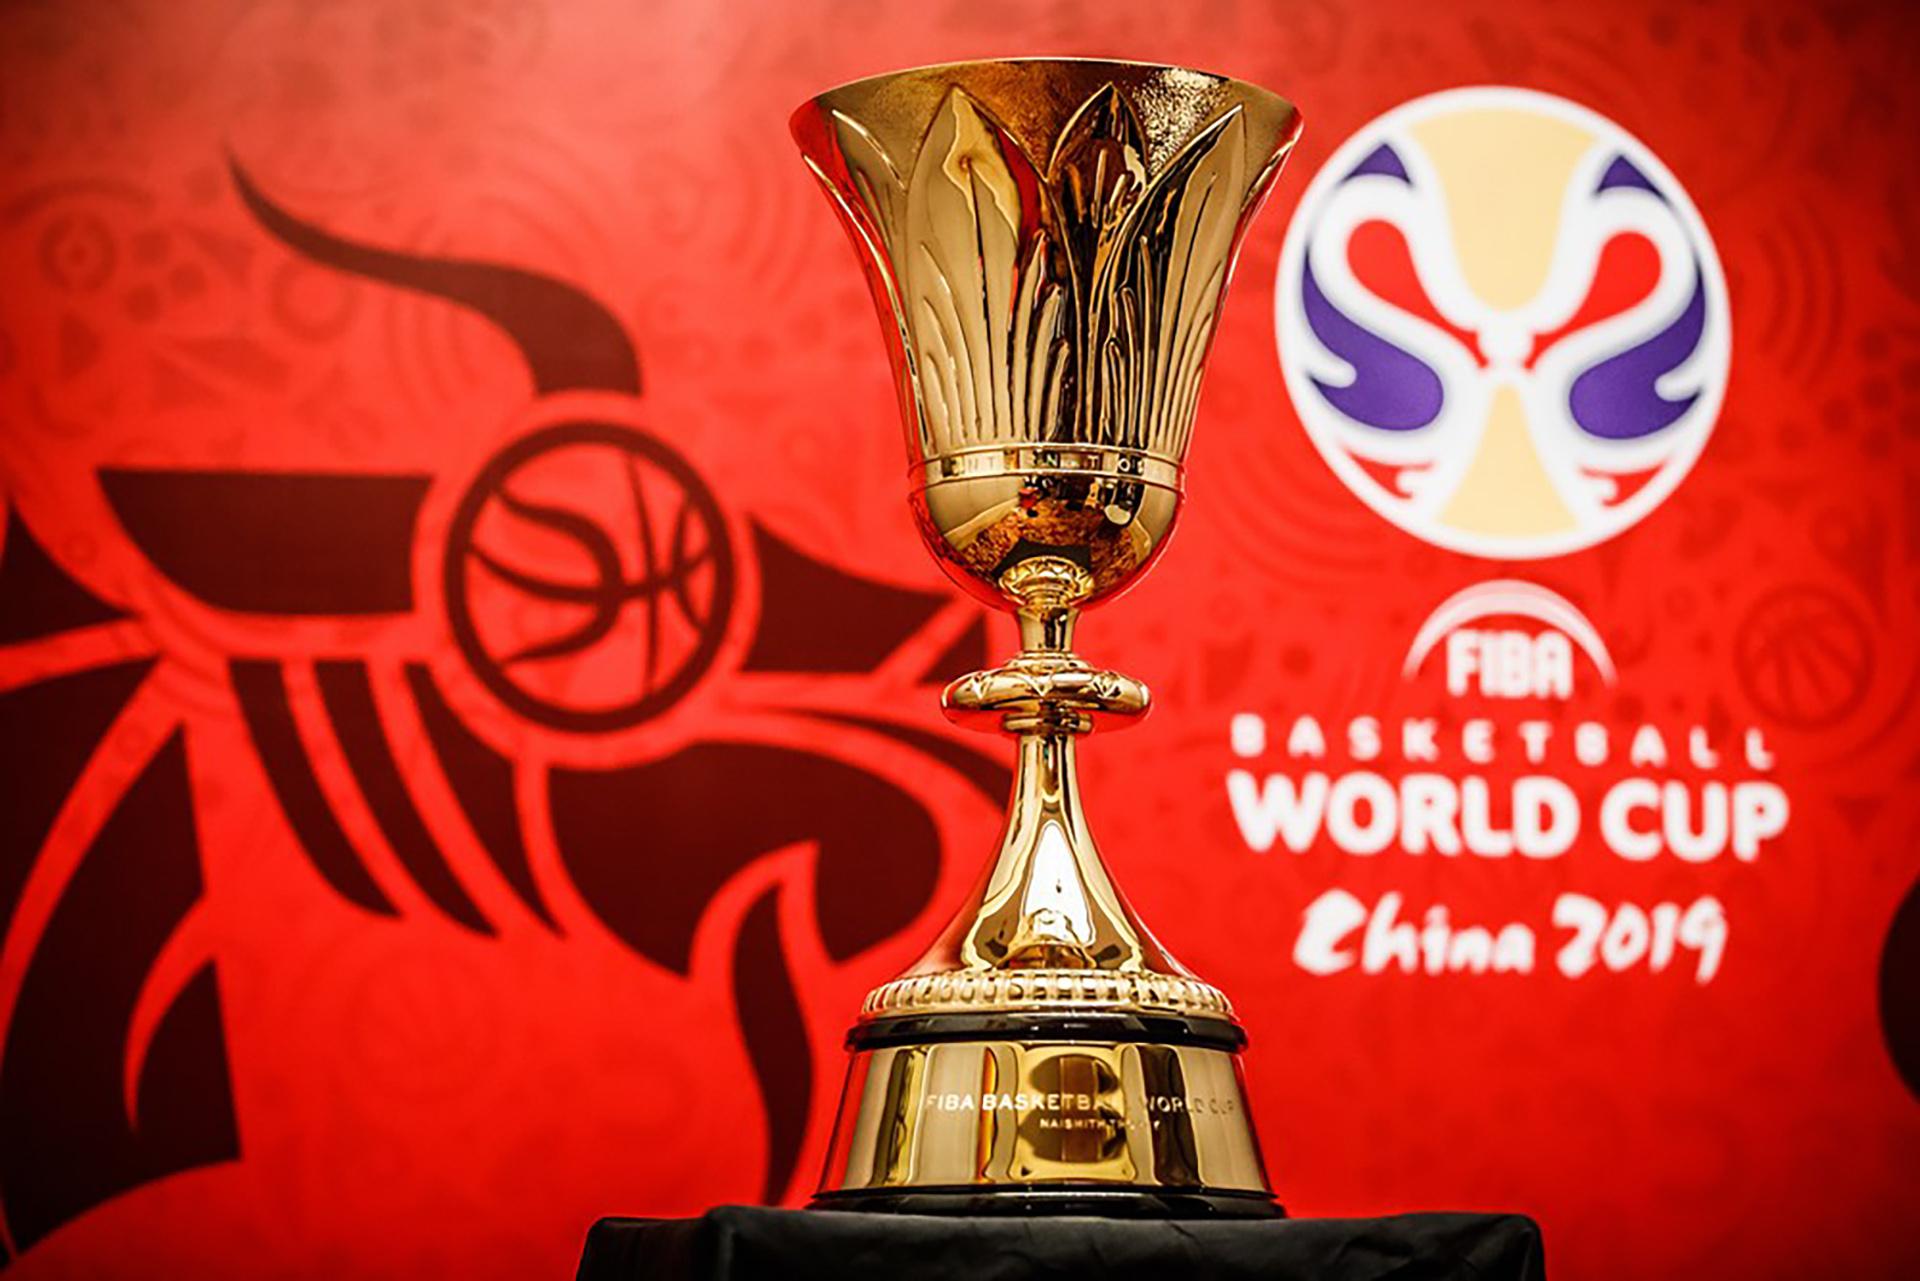 La copa James Naismith que se llevará el campeón del mundo en China. (FIBA)